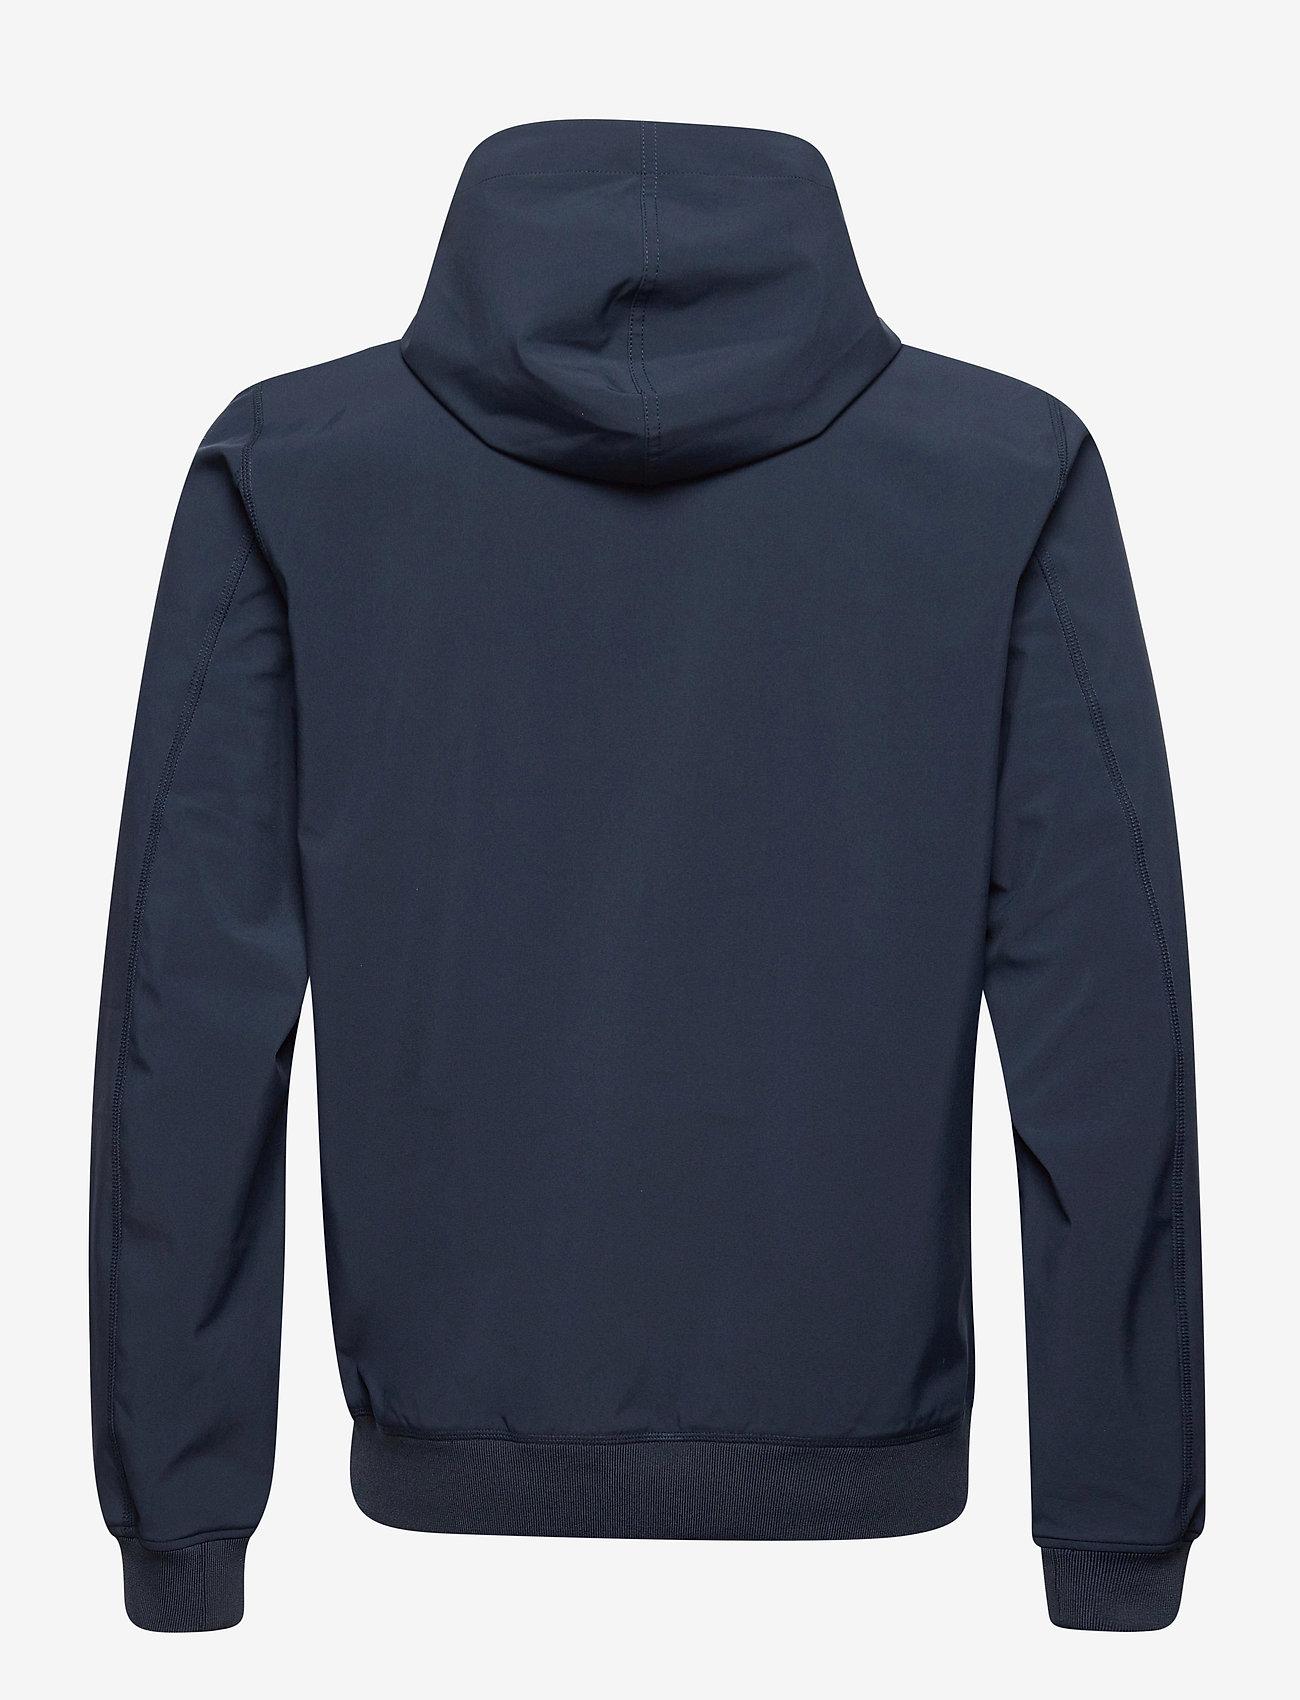 Peak Performance - M Softshell Hood Jacket - ulkoilu- & sadetakit - blue shadow   dark haze - 1